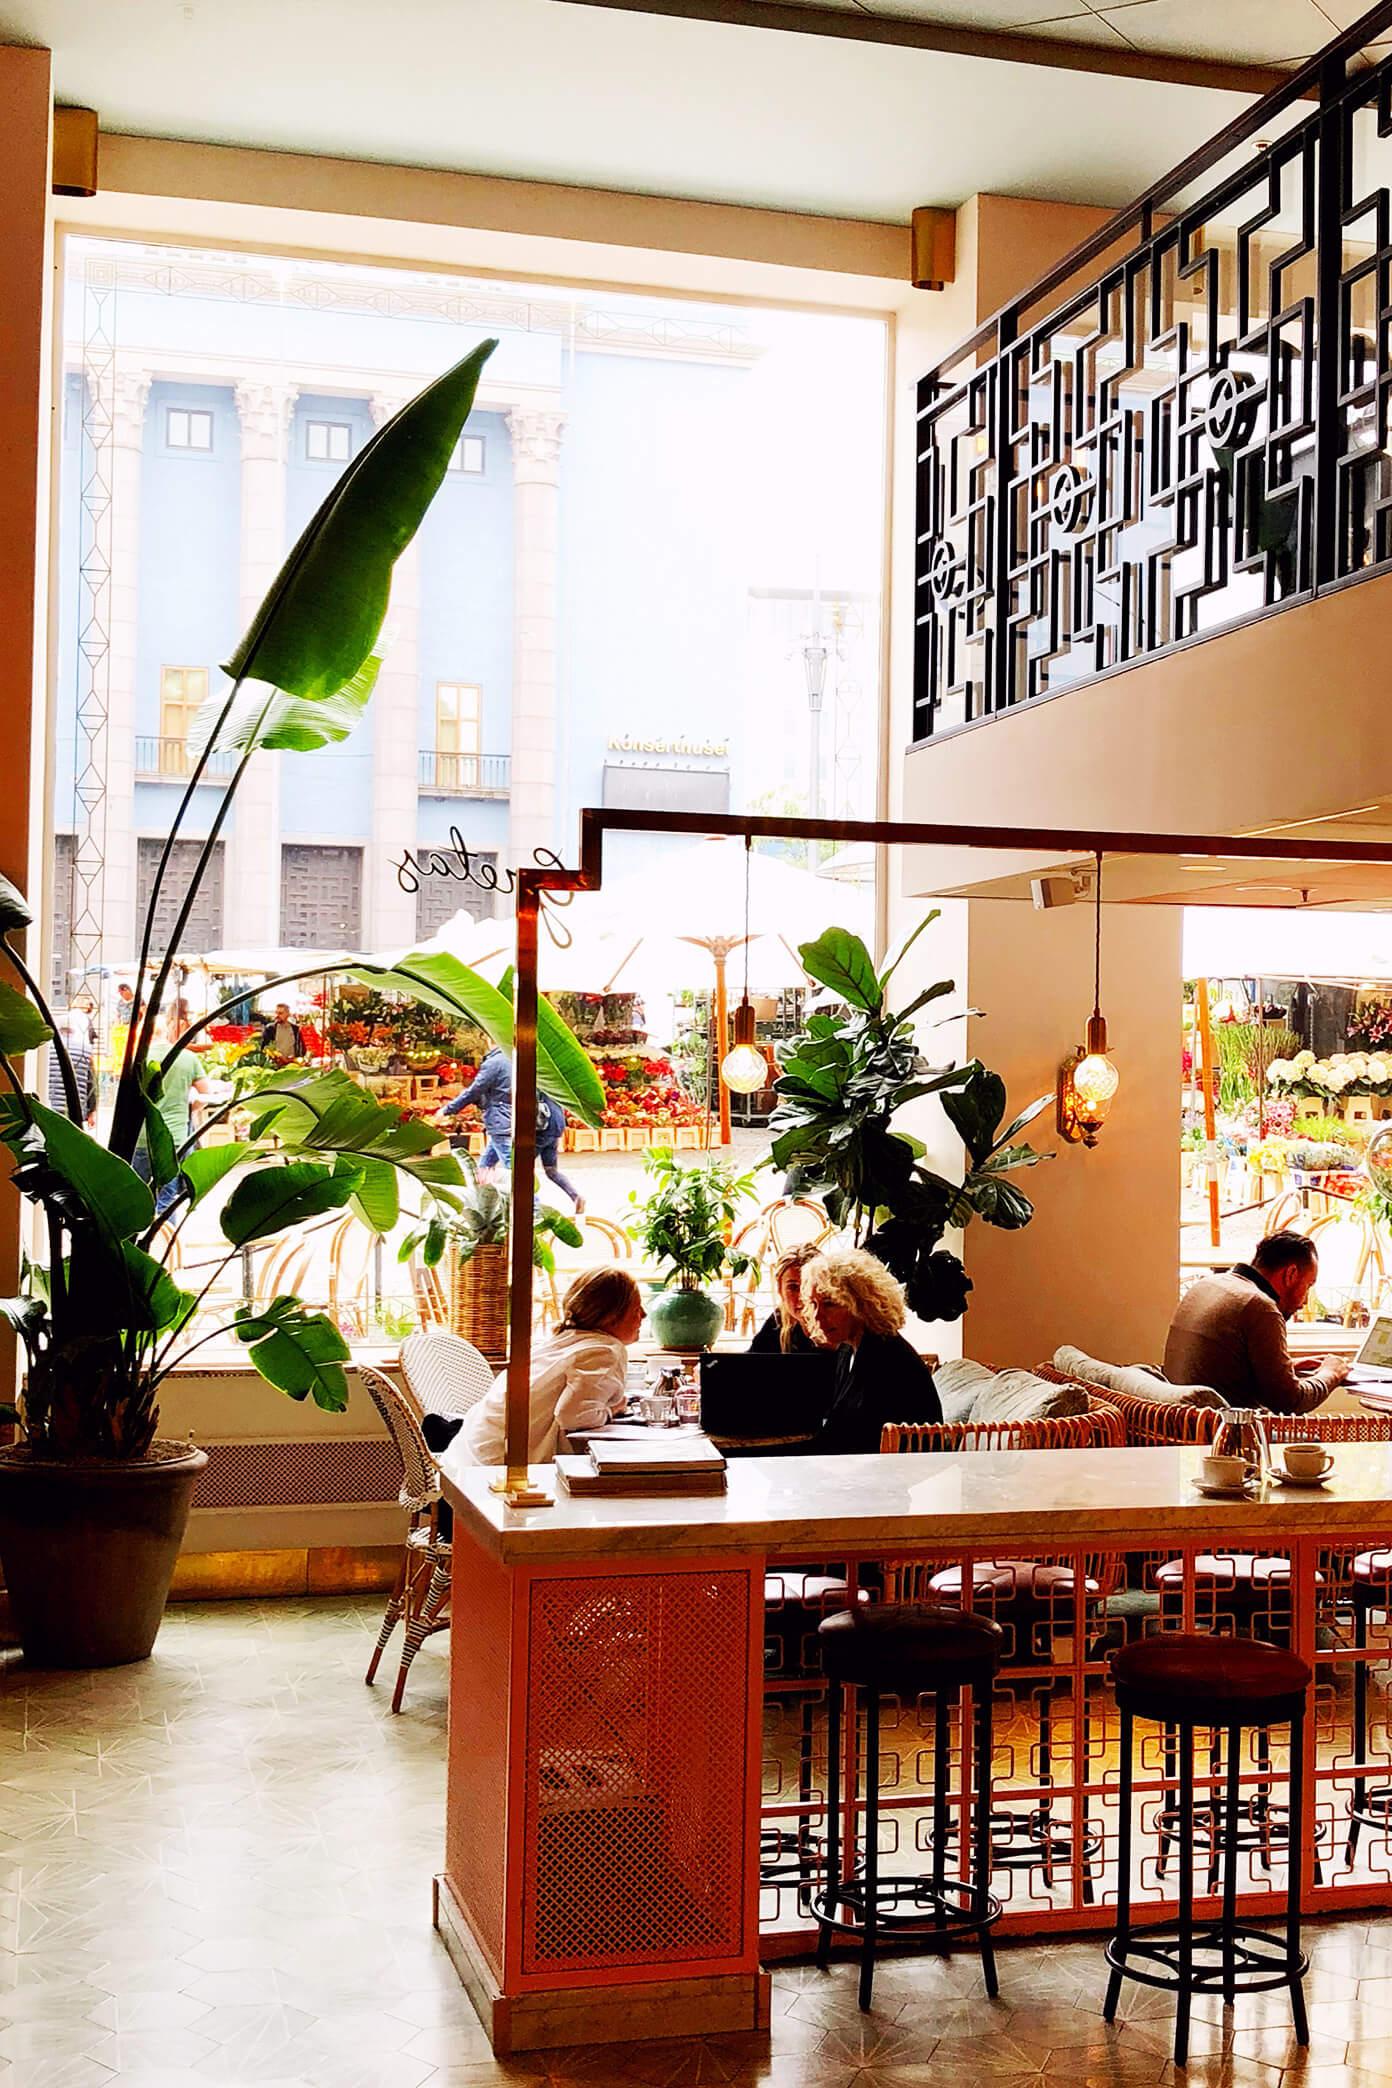 Coffe at Greta's in Stockholm, Sweden